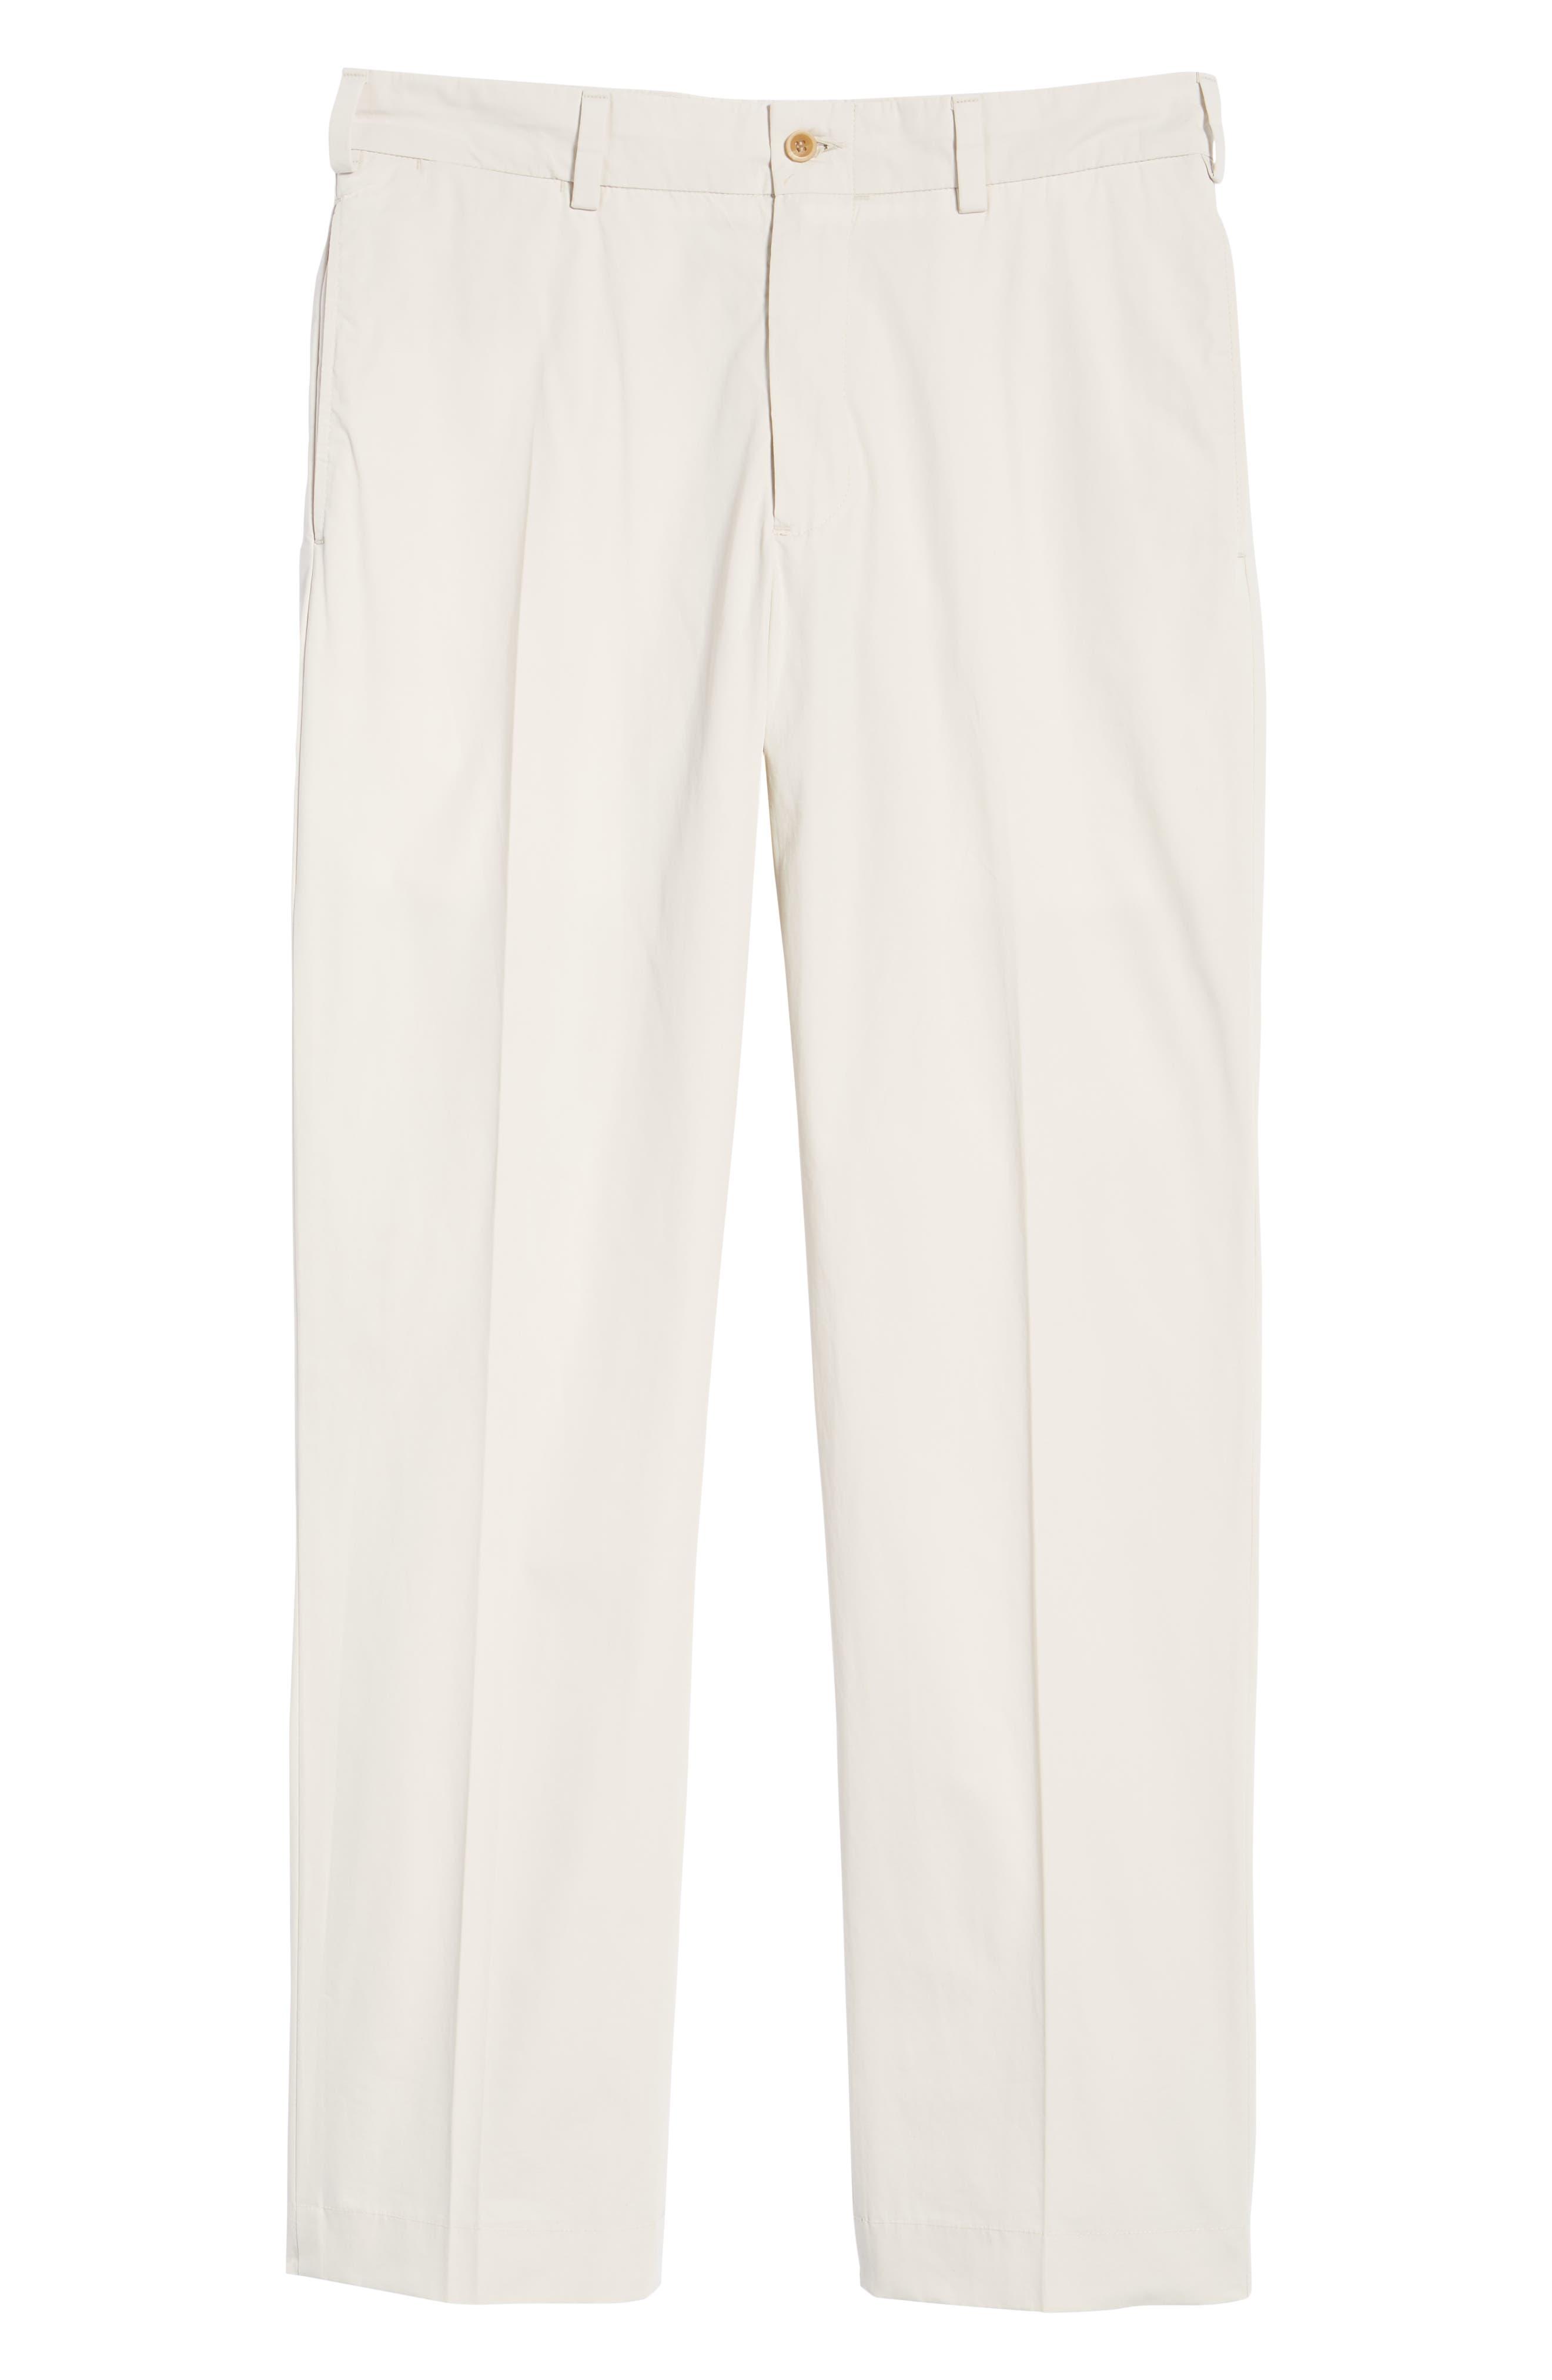 M2 Classic Fit Flat Front Tropical Cotton Poplin Pants,                             Alternate thumbnail 6, color,                             Sand